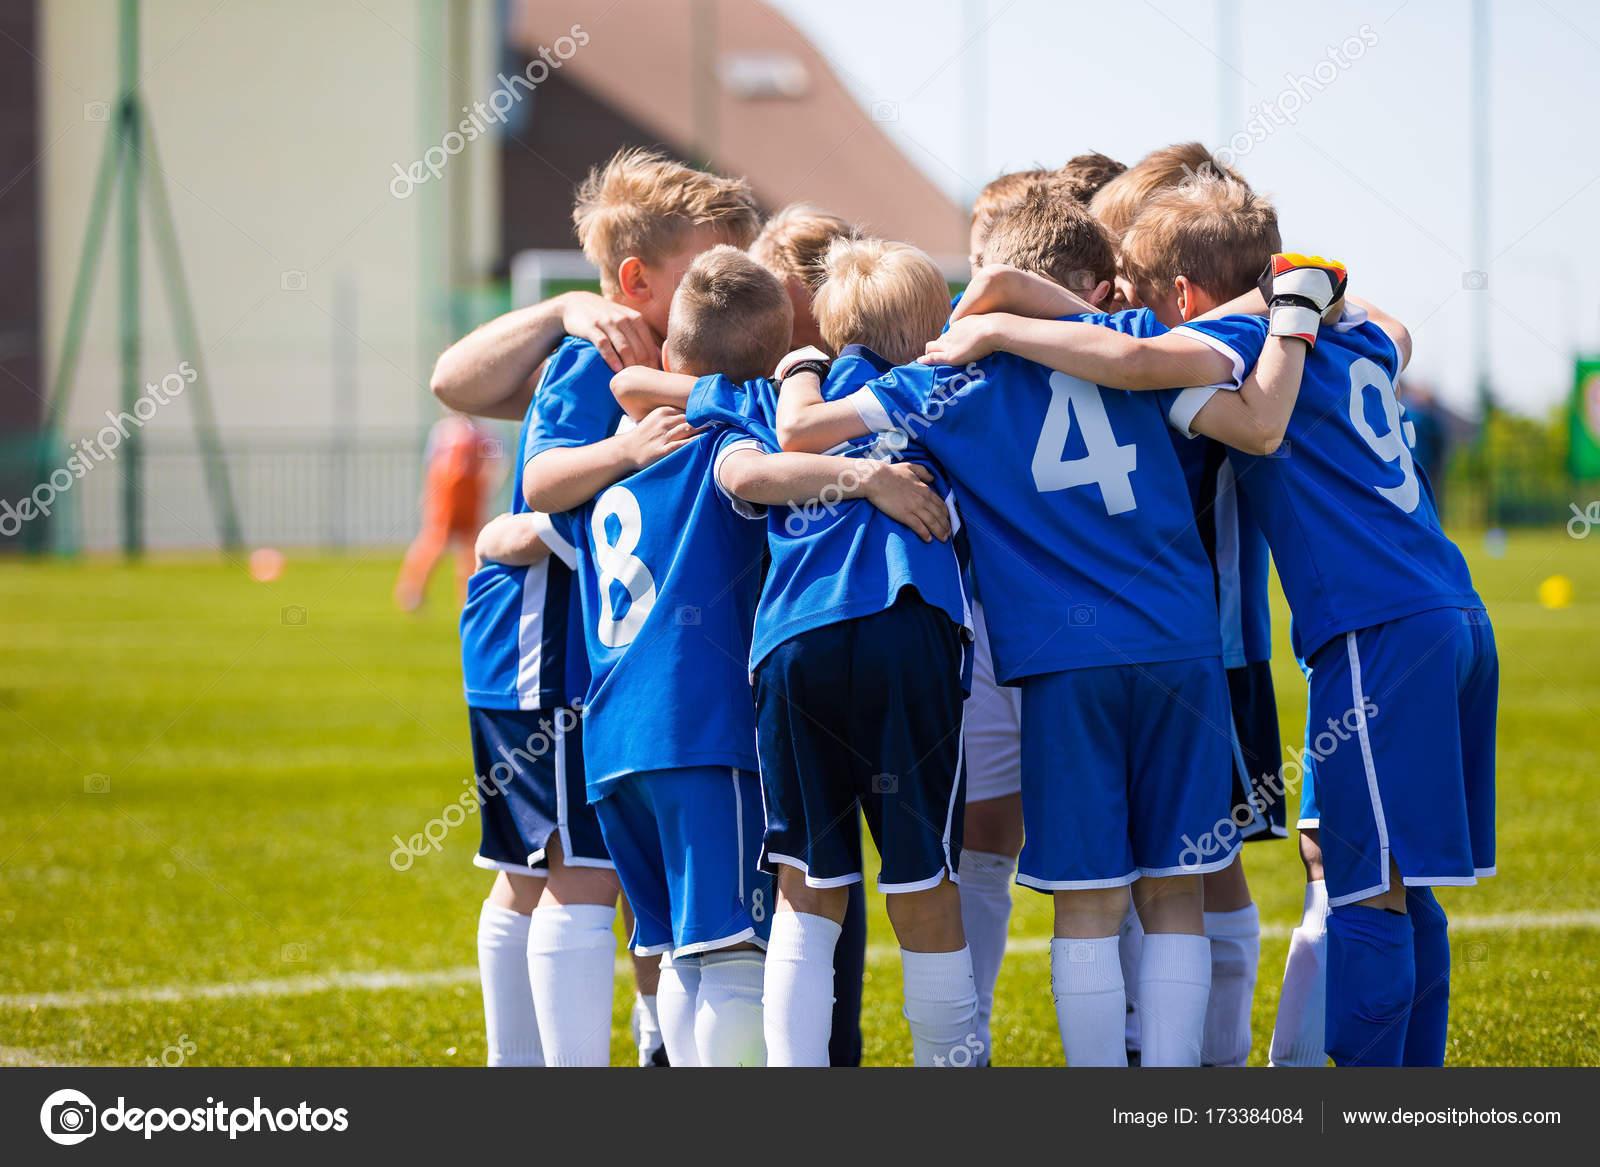 21e72b3b3 Los niños jugar deportes. Infantil deportes equipo unido listo para jugar —  Foto de Stock